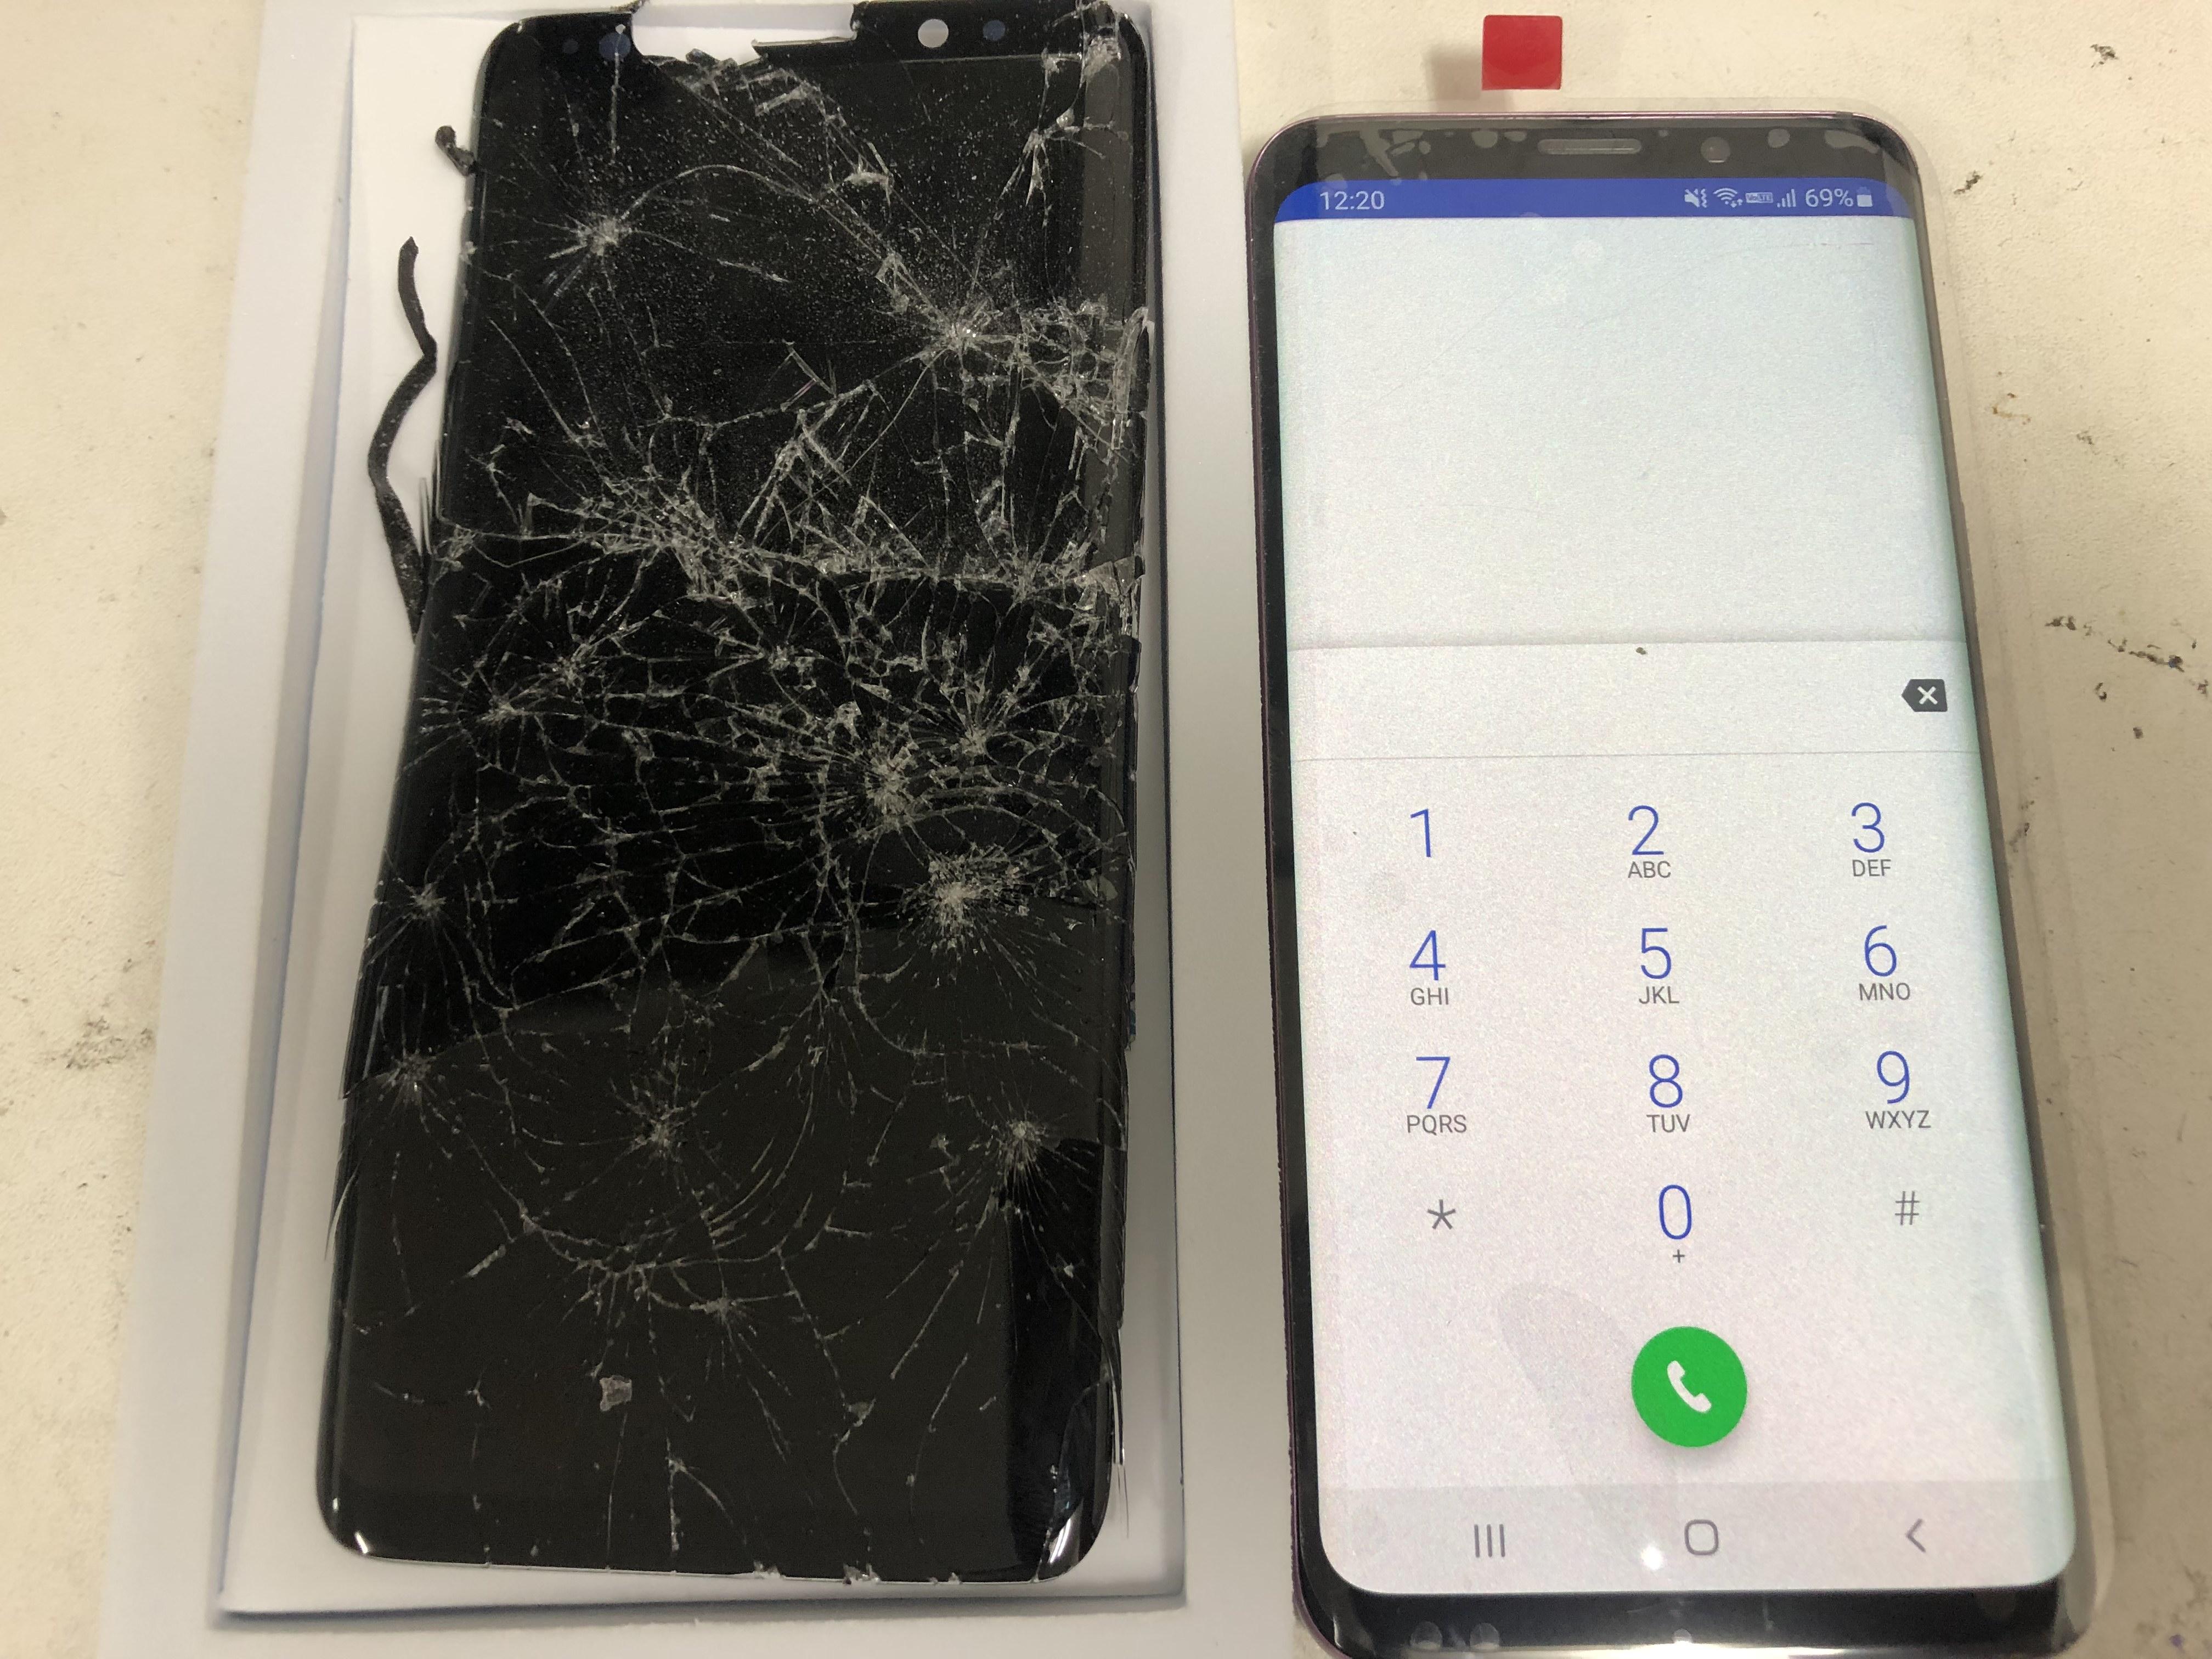 修理後:アイフォンだけでなく、アンドロイドのスマホ修理も受付中(ギャラクシー)